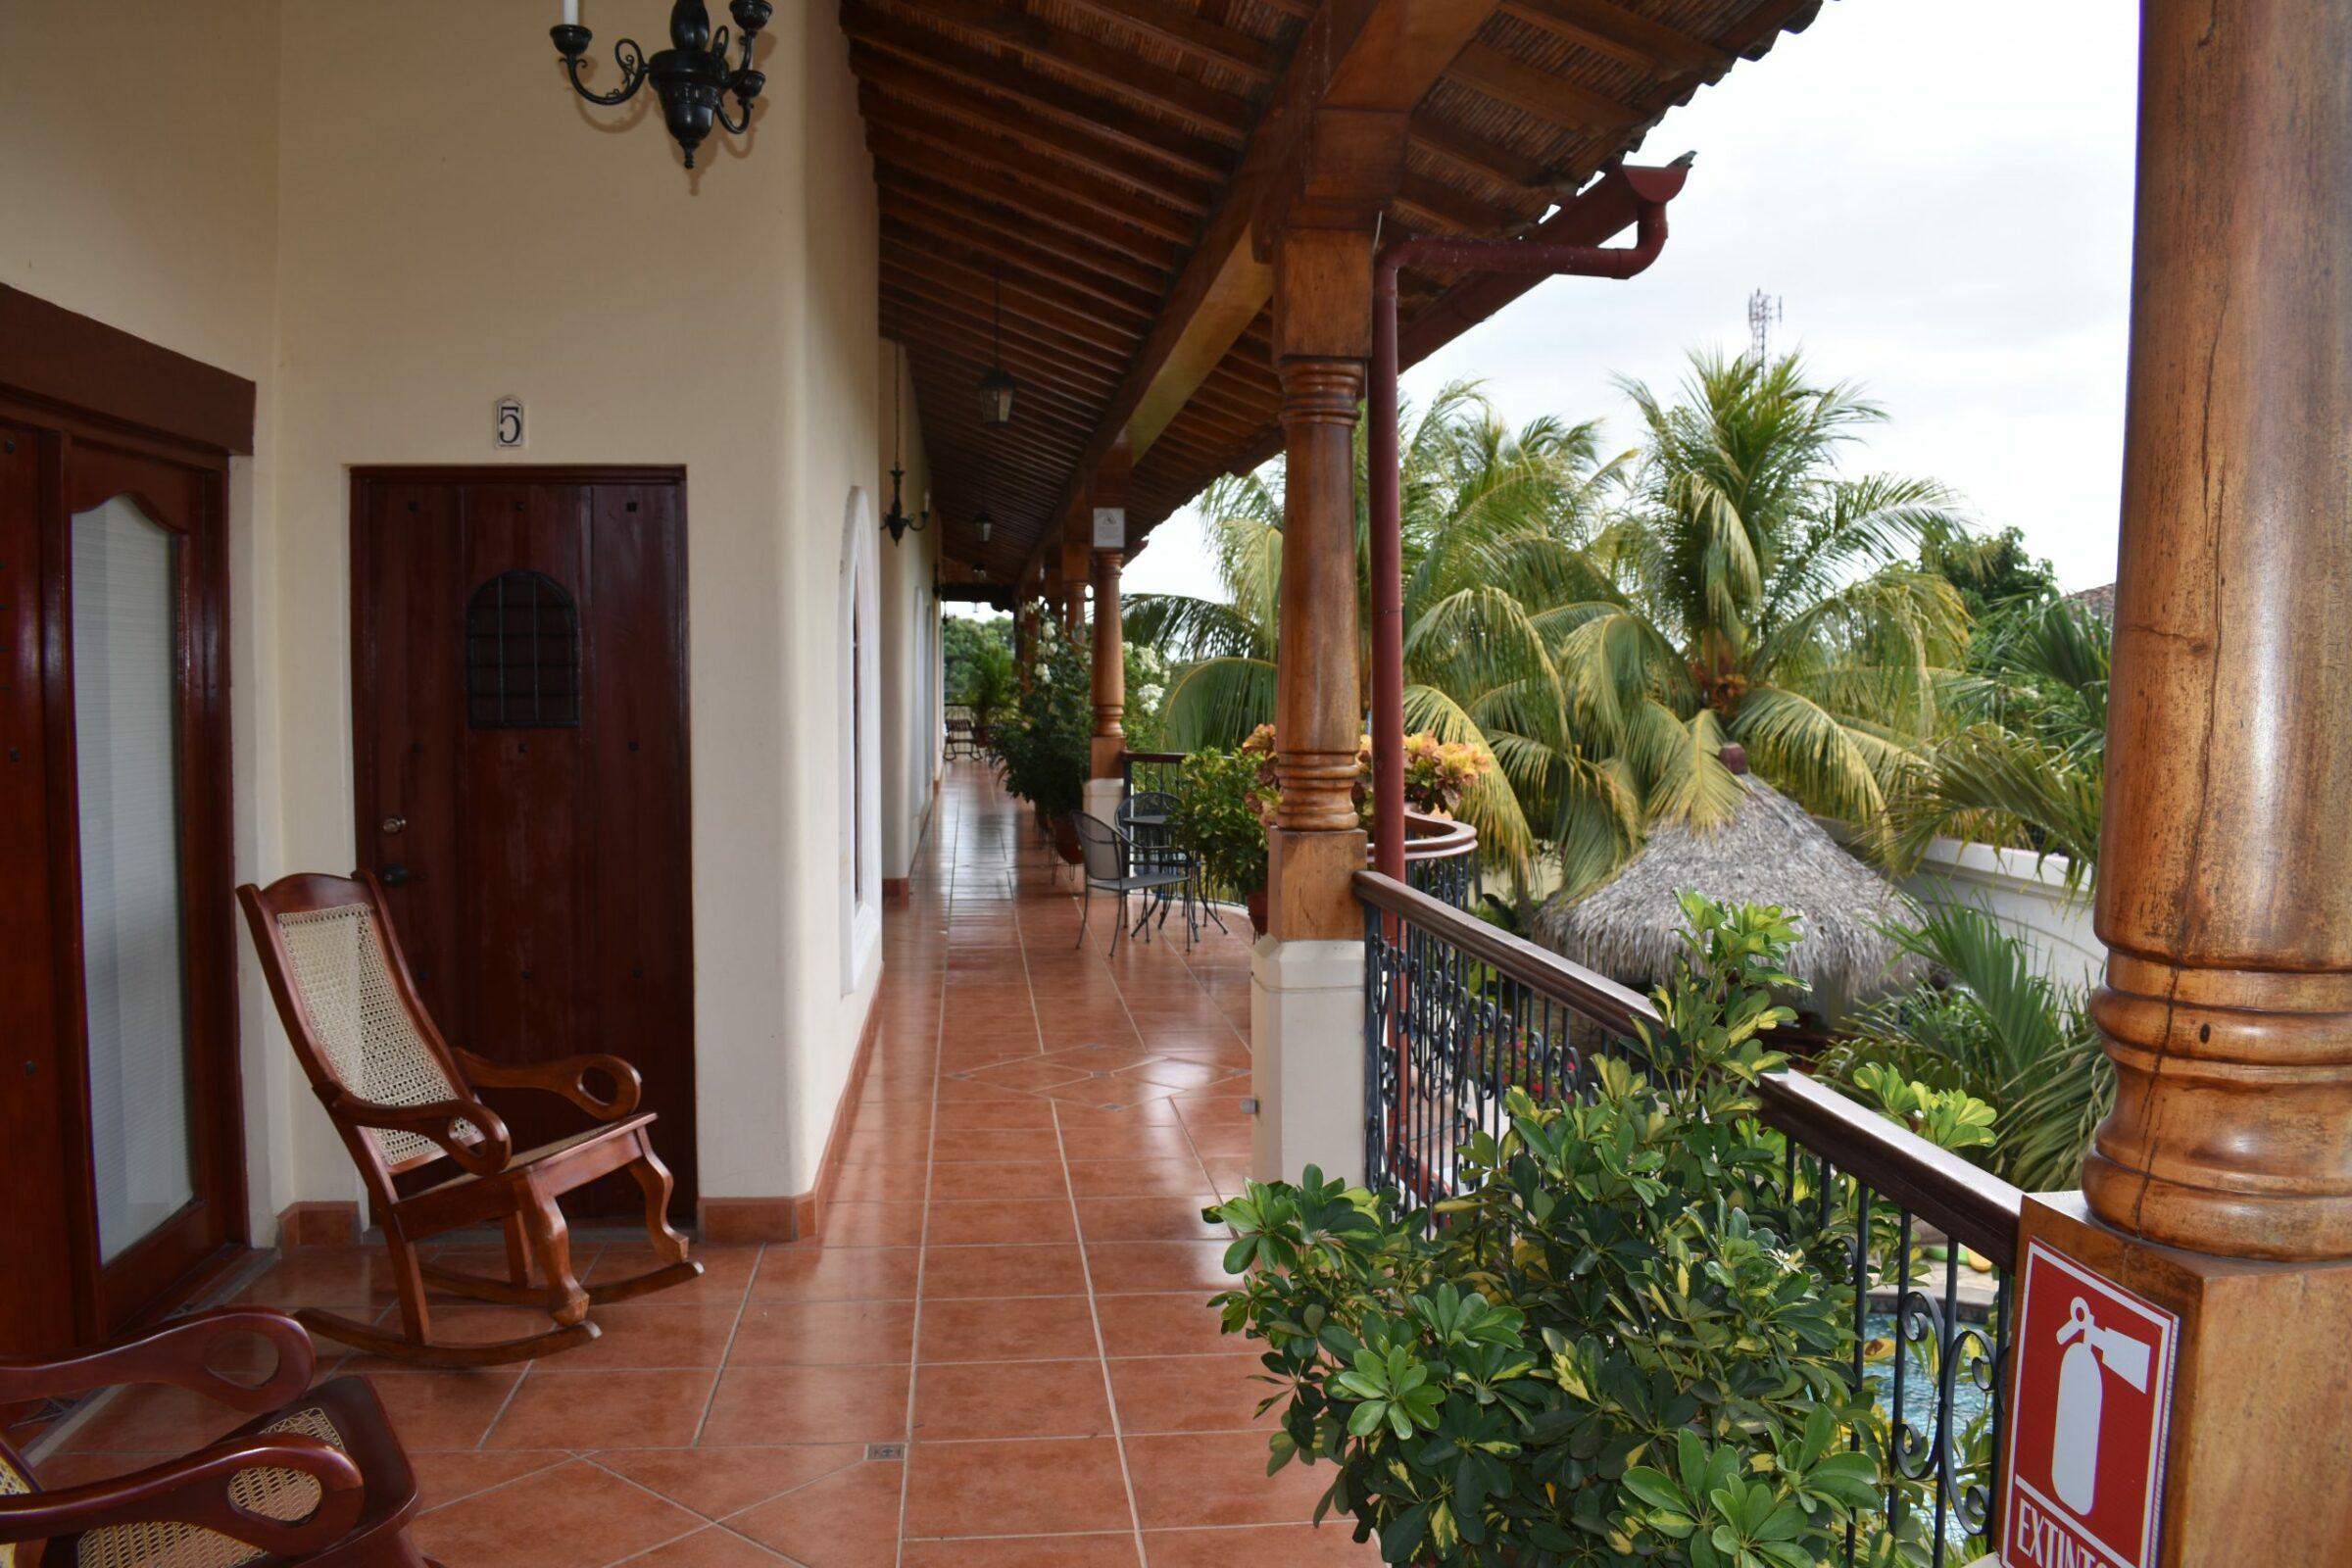 Condo Xalteva Granada, Nicaragua